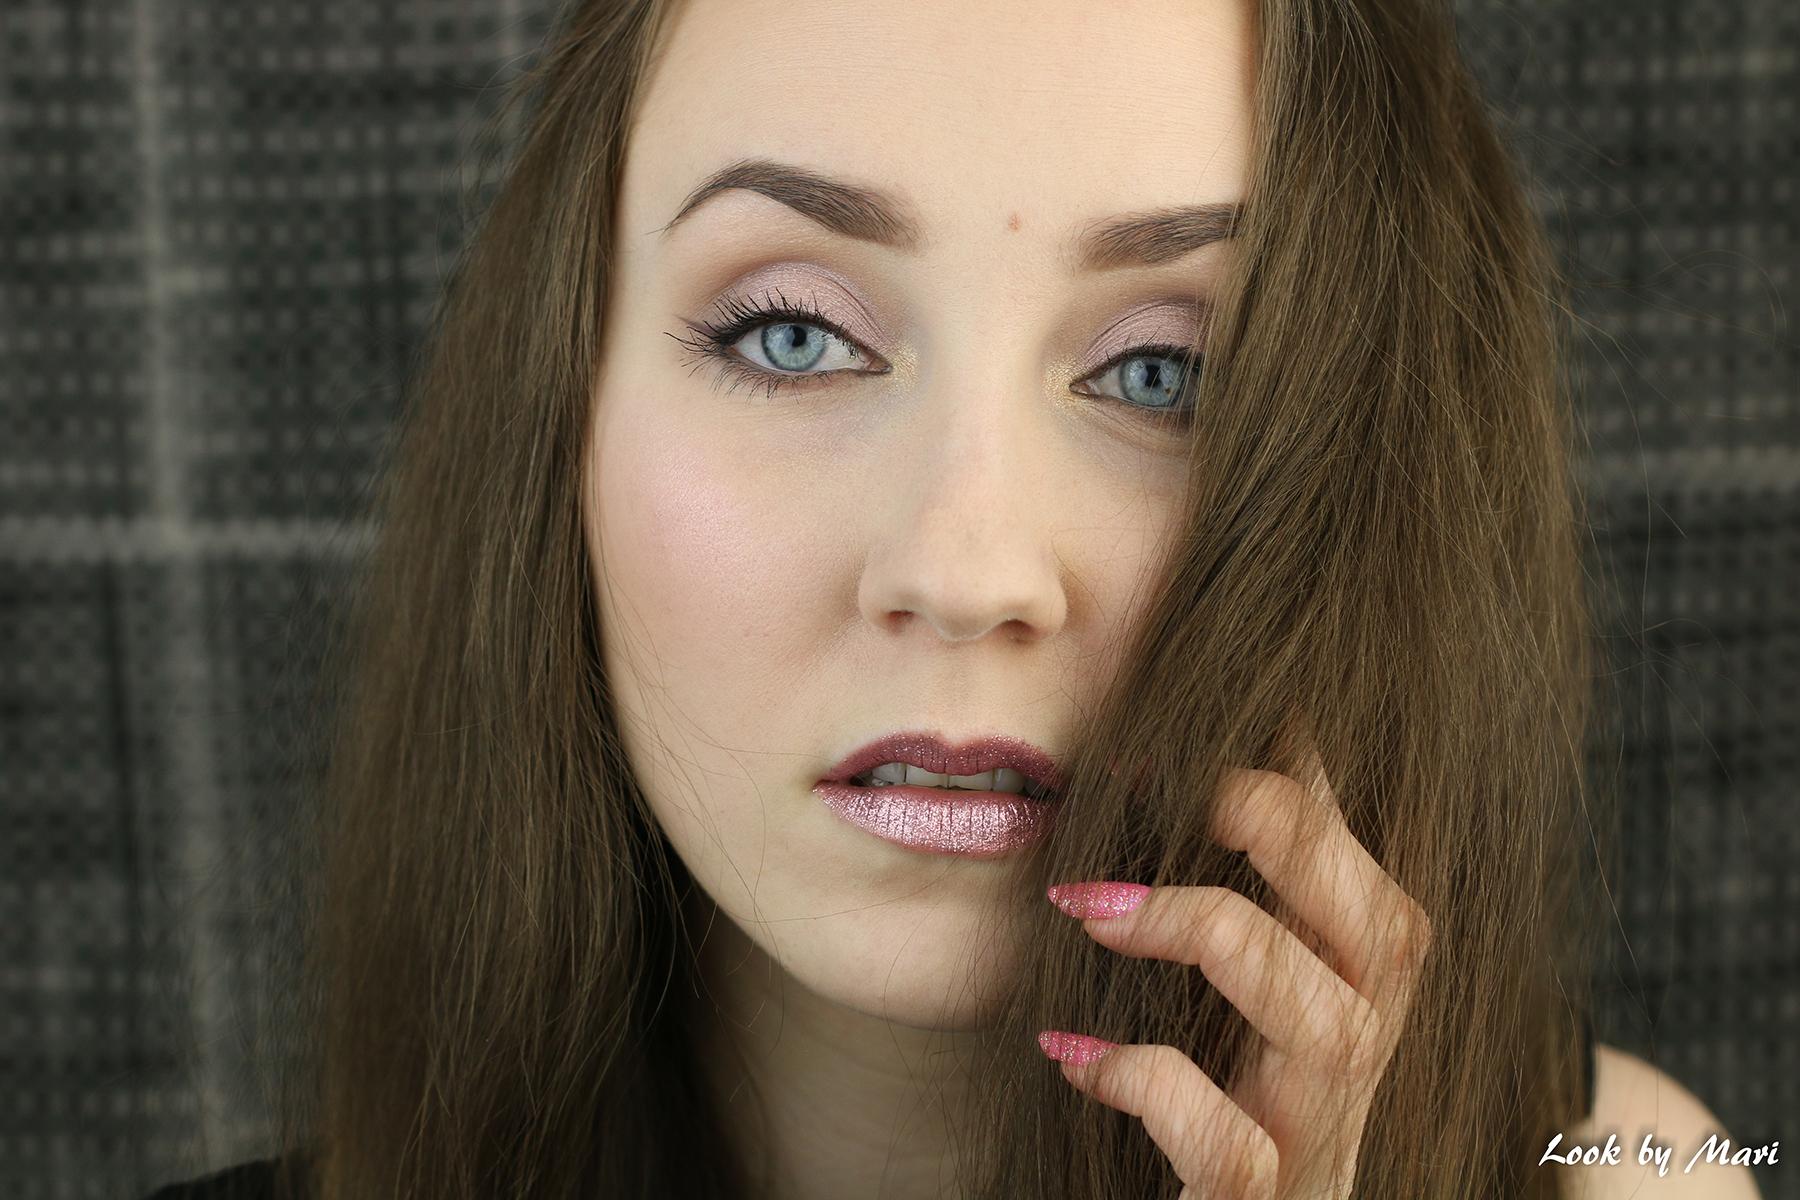 2 kylmän sävyinen neutraali helppo luonnollinen silmämeikki meikki ideat tutoriaali